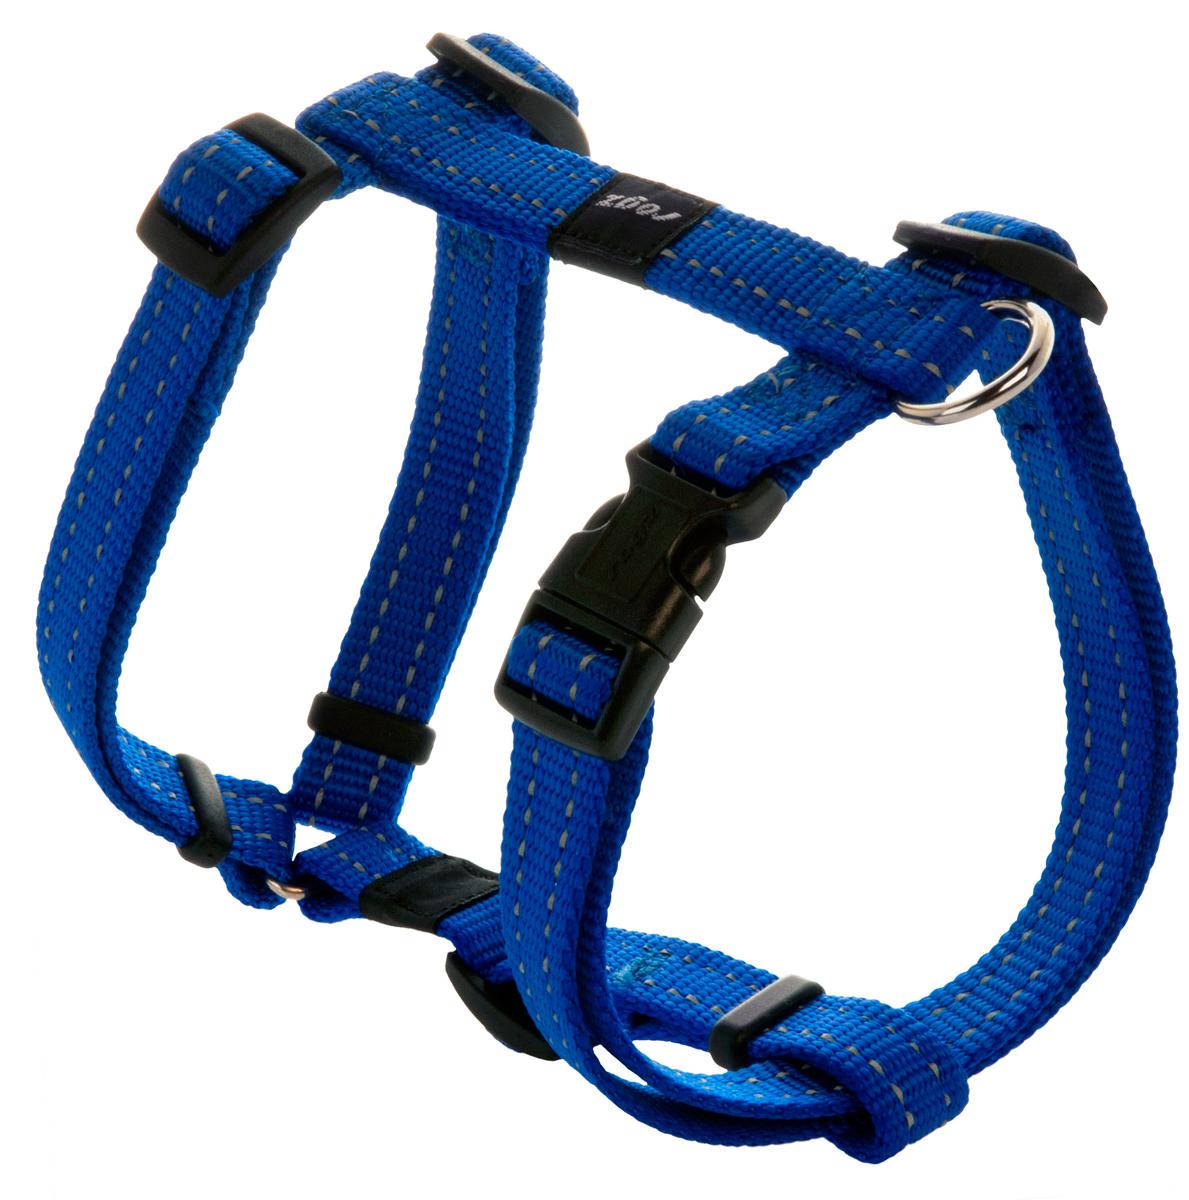 Шлейка для собак Rogz Utility, цвет: синий, ширина 1,6 см. Размер M0120710Шлейка для собак Rogz Utility со светоотражающей нитью, вплетенной в нейлоновую ленту, обеспечивает лучшую видимость собаки в темное время суток. Специальная конструкция пряжки Rog Loc - очень крепкая (система Fort Knox). Замок может быть расстегнут только рукой человека. Технология распределения нагрузки позволяет снизить нагрузку на пряжки, изготовленные из титанового пластика, с помощью правильного и разумного расположения грузовых колец, благодаря чему, даже при самых сильных рывках, изделие не рвется и не деформируется.Выполненные специально по заказу ROGZ литые кольца гальванически хромированы, что позволяет избежать коррозии и потускнения изделия.